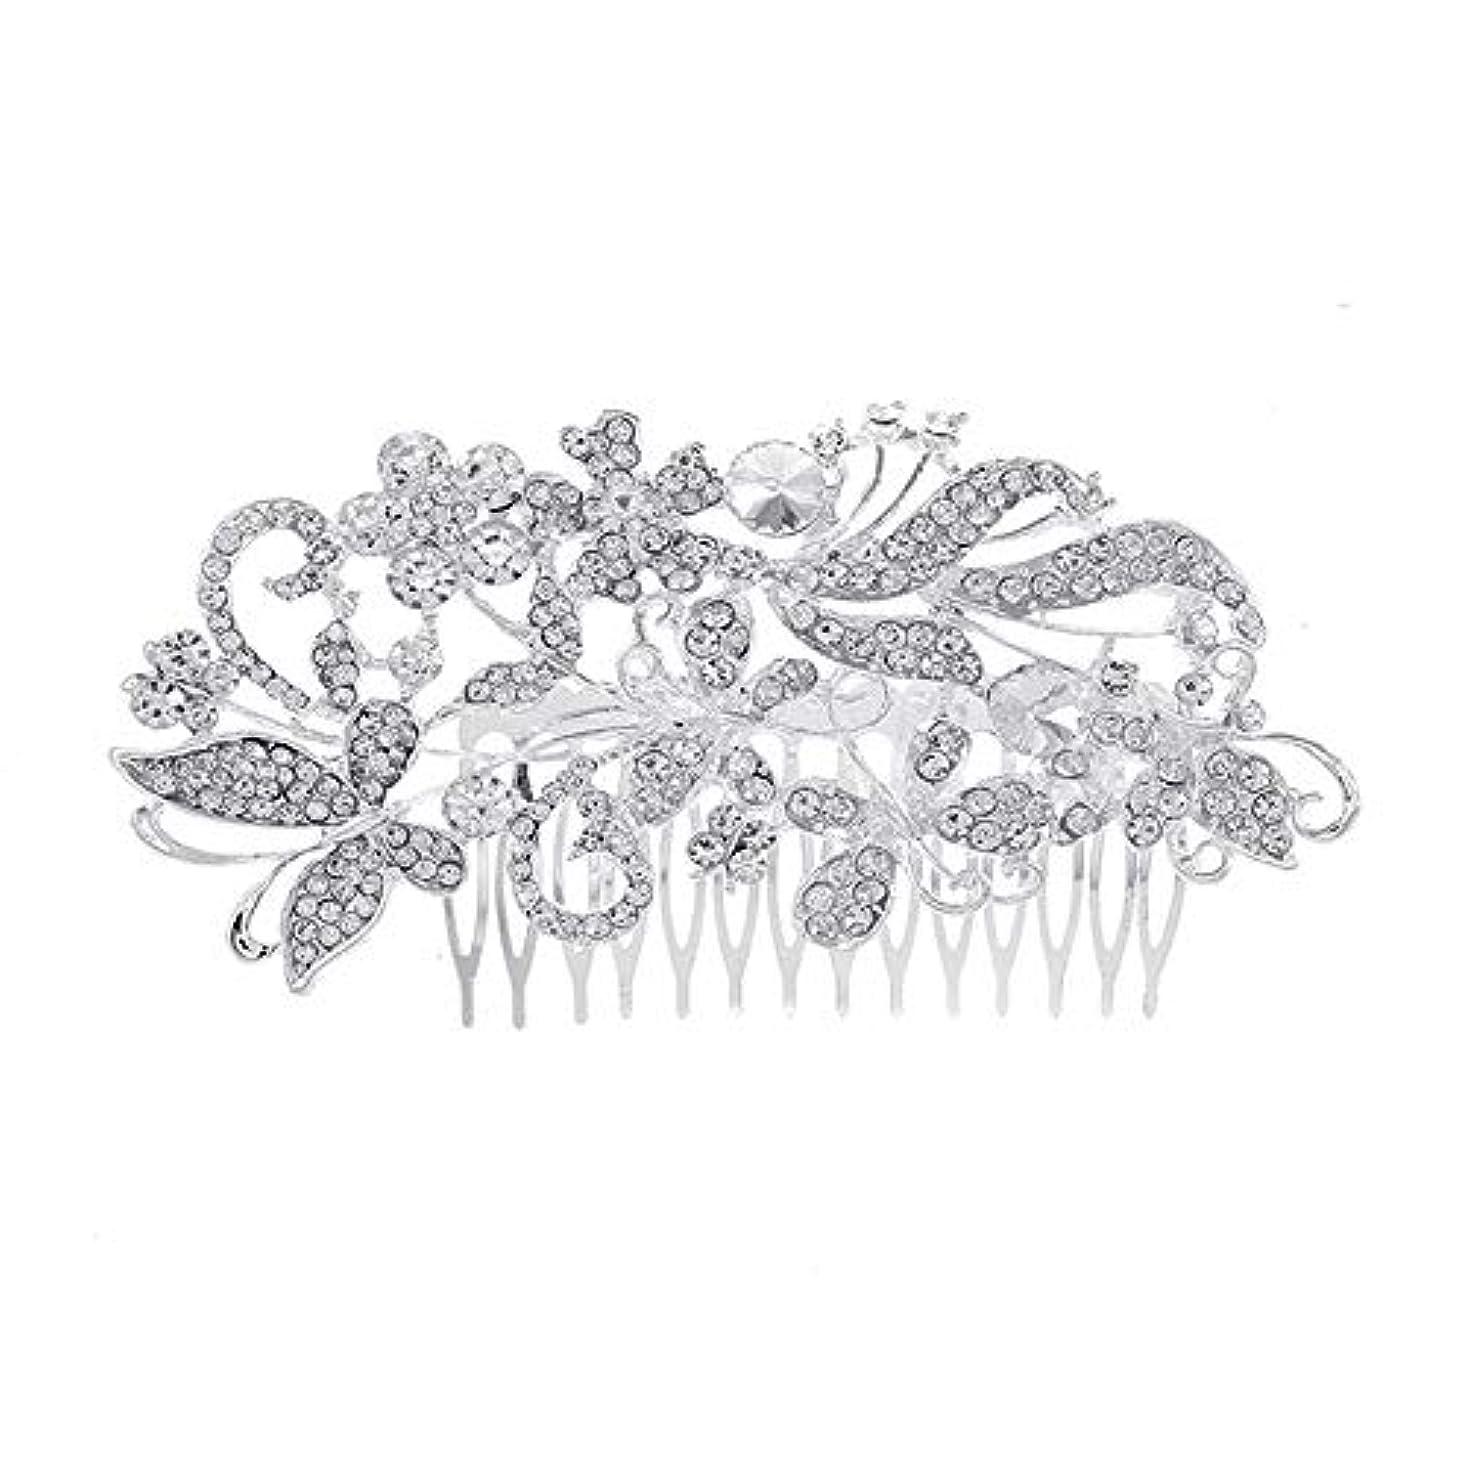 対処追加する過度の髪の櫛、櫛、花嫁の髪の櫛、亜鉛合金、結婚式のアクセサリー、櫛